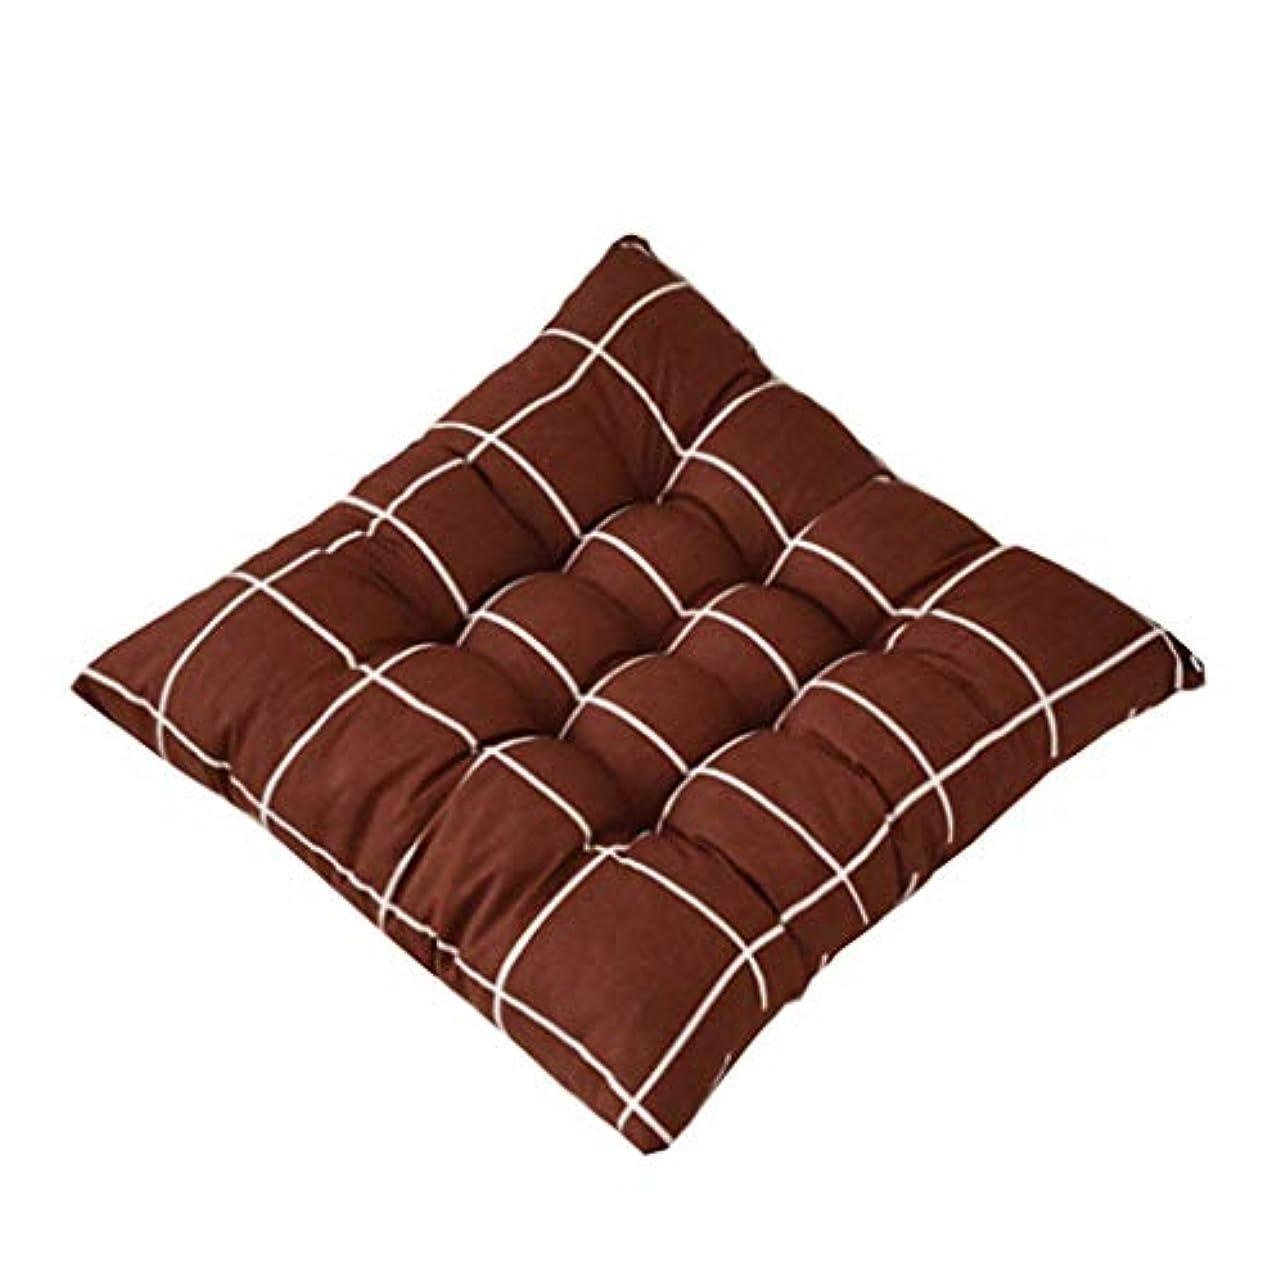 リングレット郵便局練習LIFE 正方形の椅子パッド厚いシートクッションダイニングパティオホームオフィス屋内屋外ガーデンソファ臀部クッション 40 × 40 センチメートル クッション 椅子